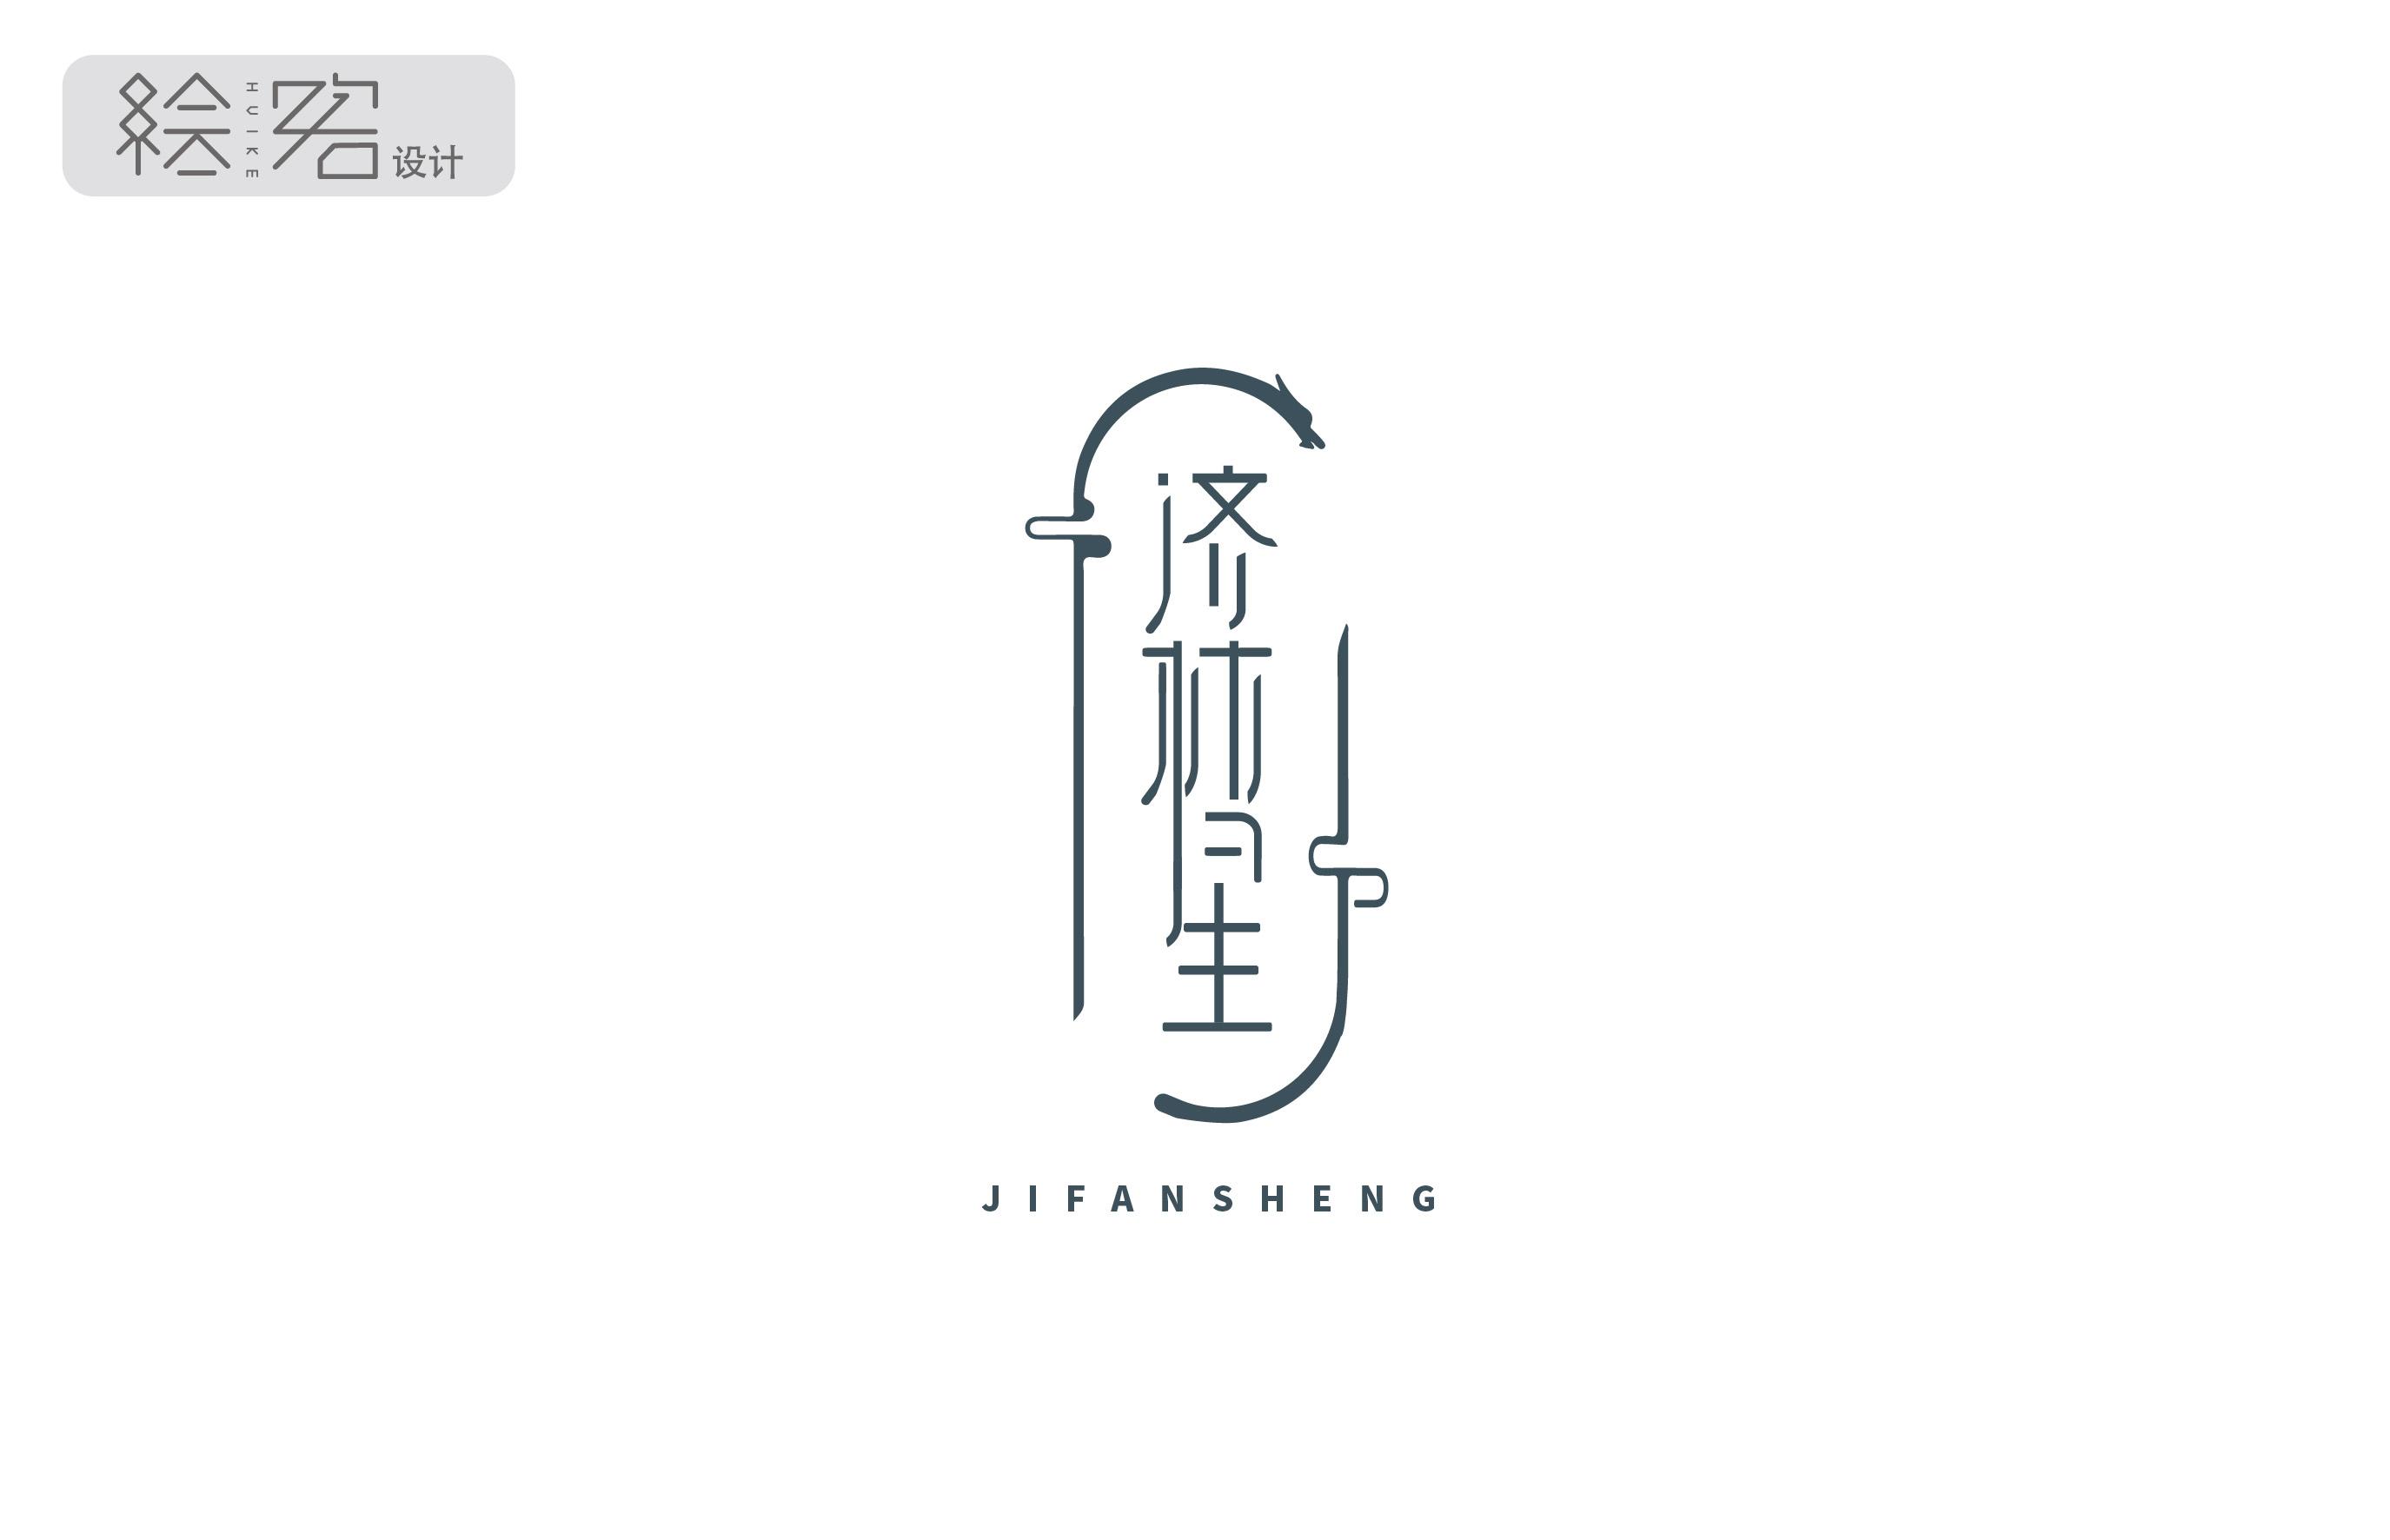 总监操刀logo设计原创商标设计品牌公司企业商标可注册